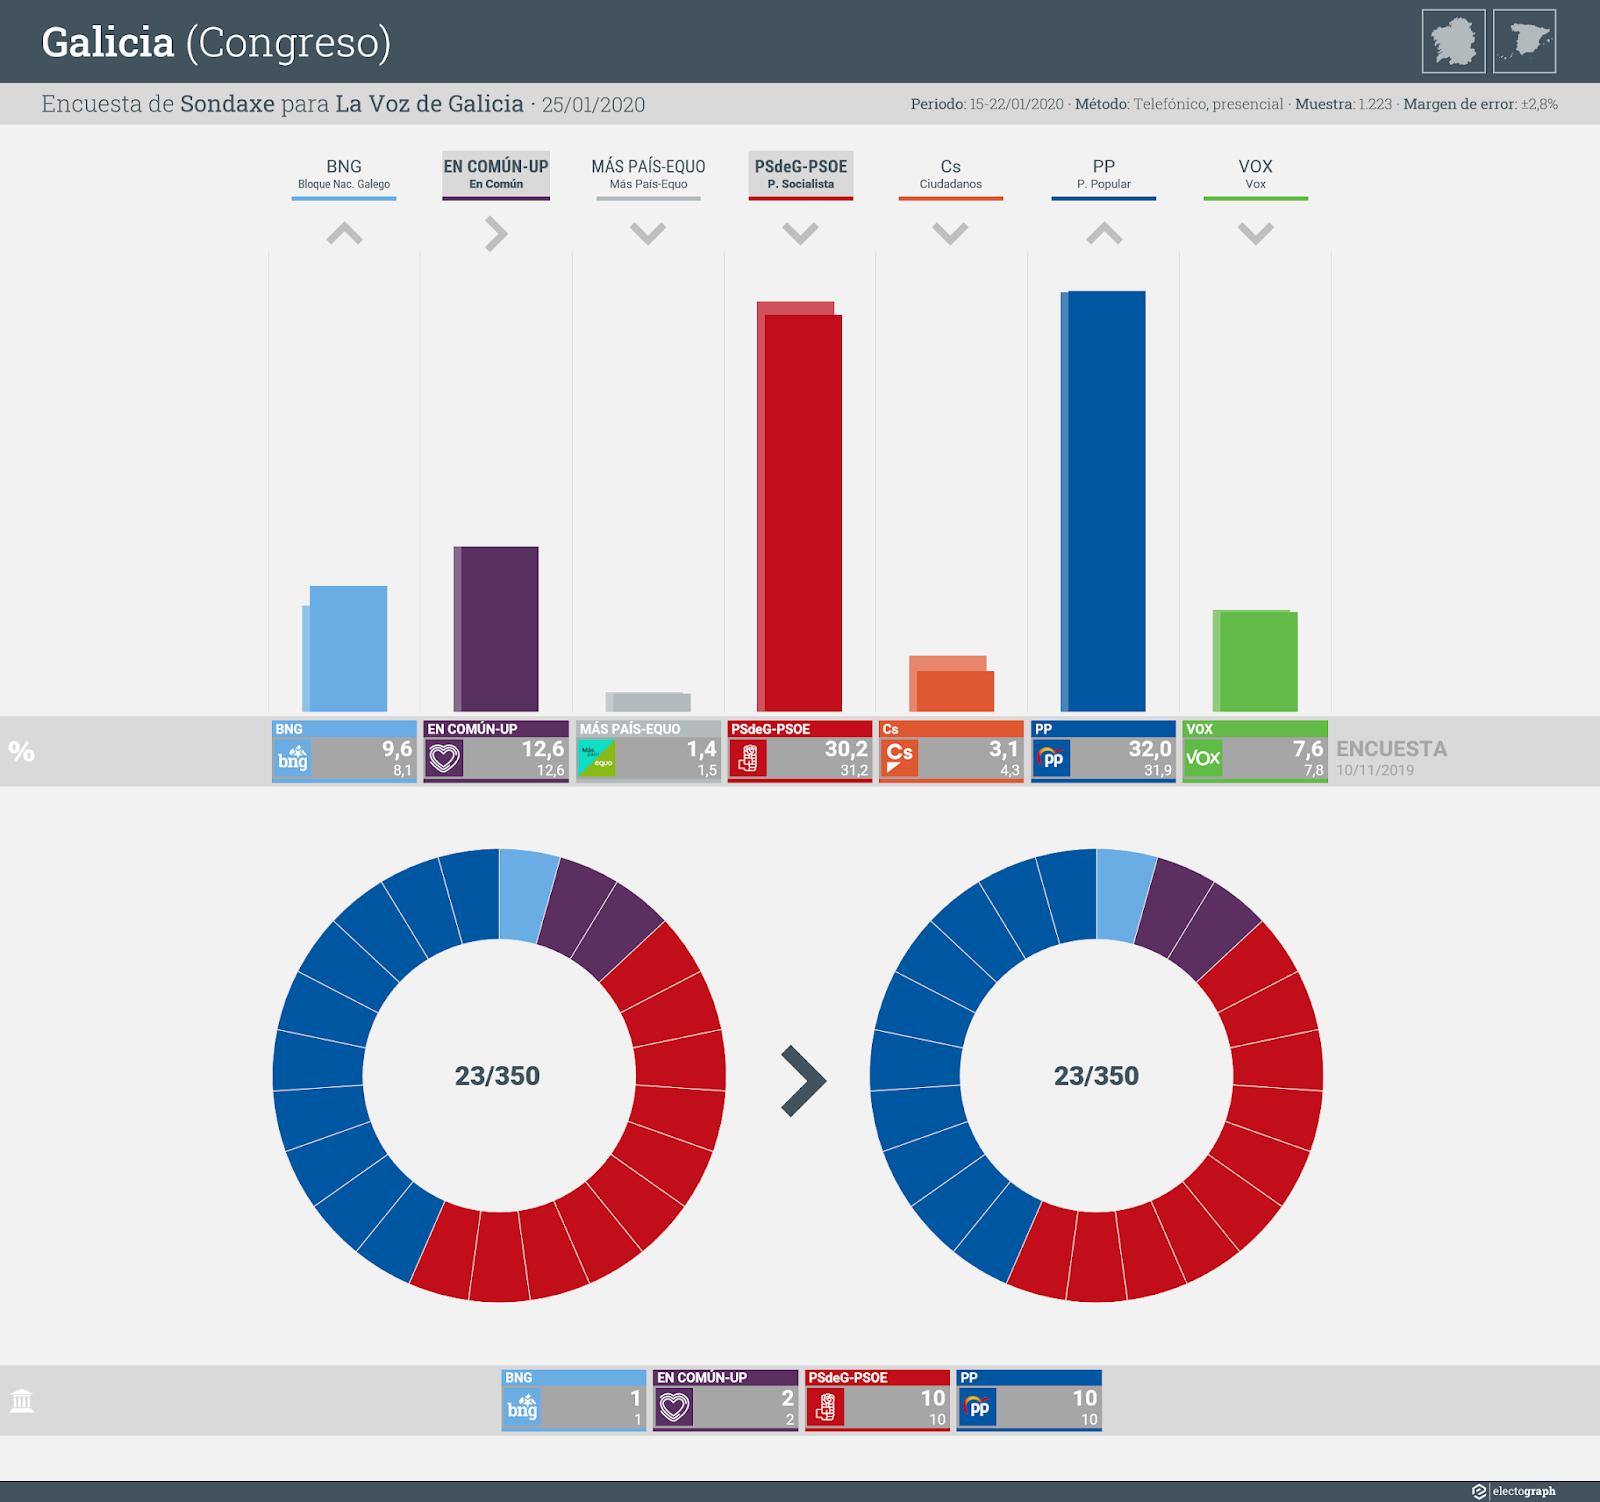 Gráfico de la encuesta para elecciones generales en Galicia realizada por Sondaxe para La Voz de Galicia, 25 de enero de 2020